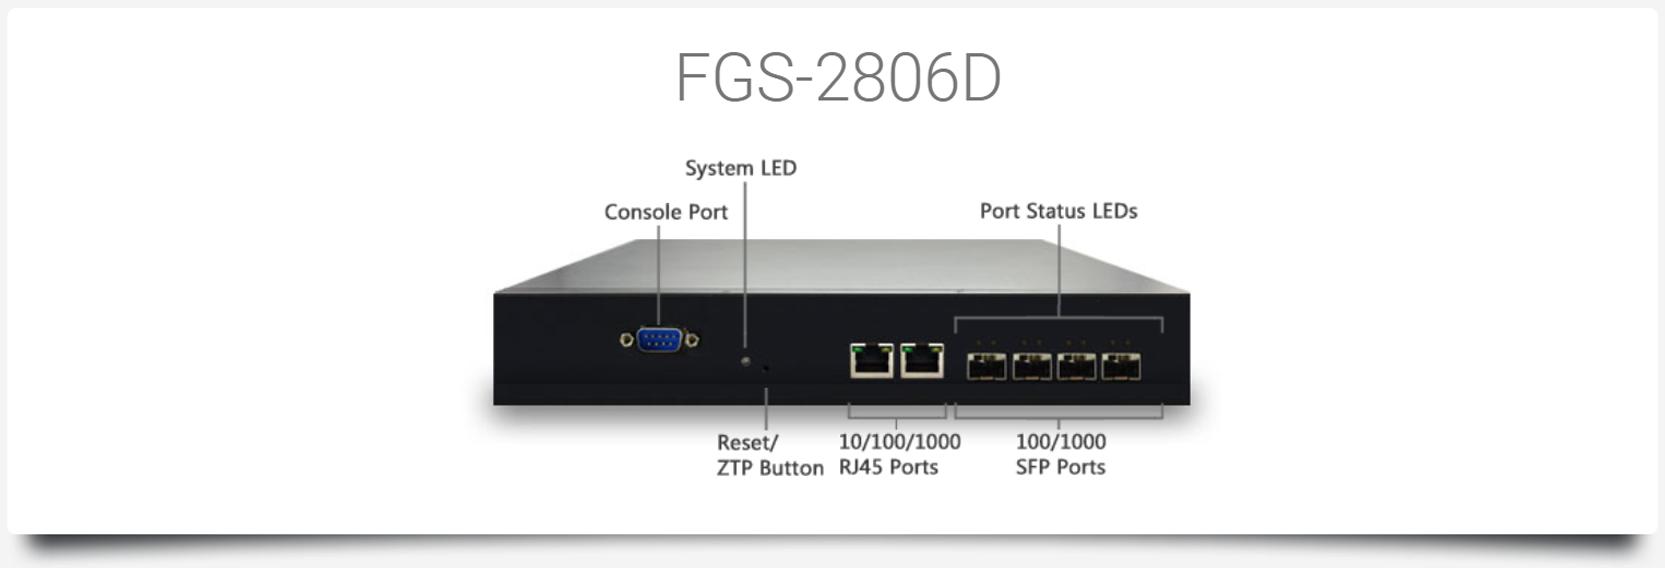 FGS-2806D